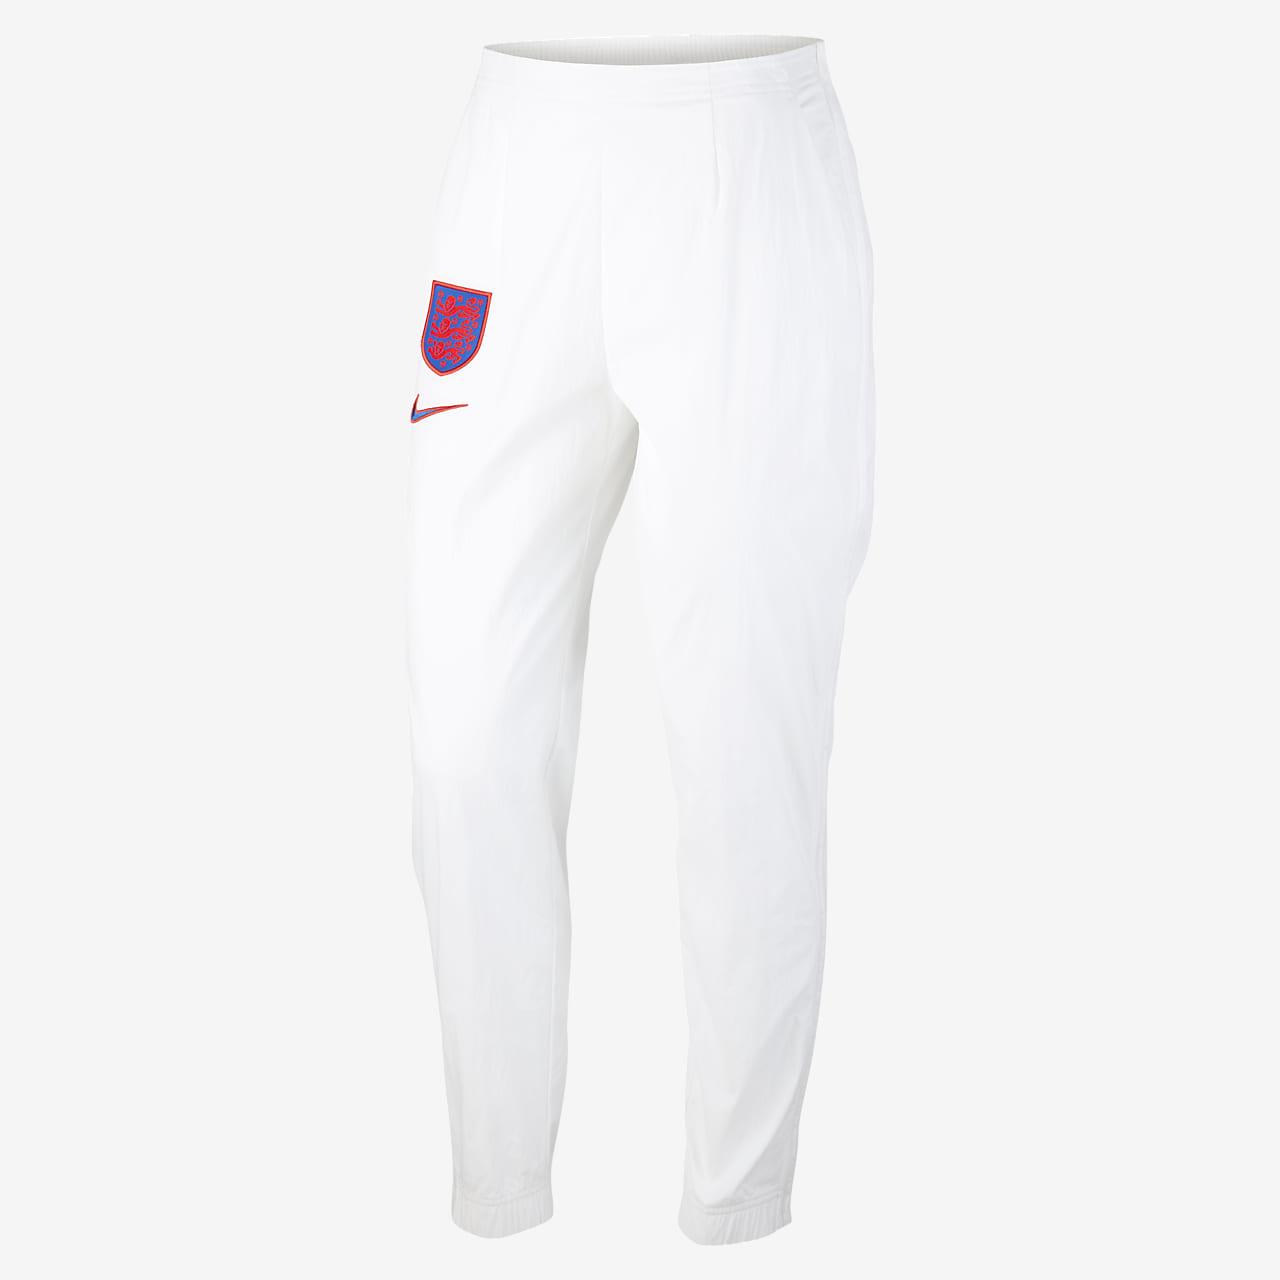 England Web-Fußballhose für Damen